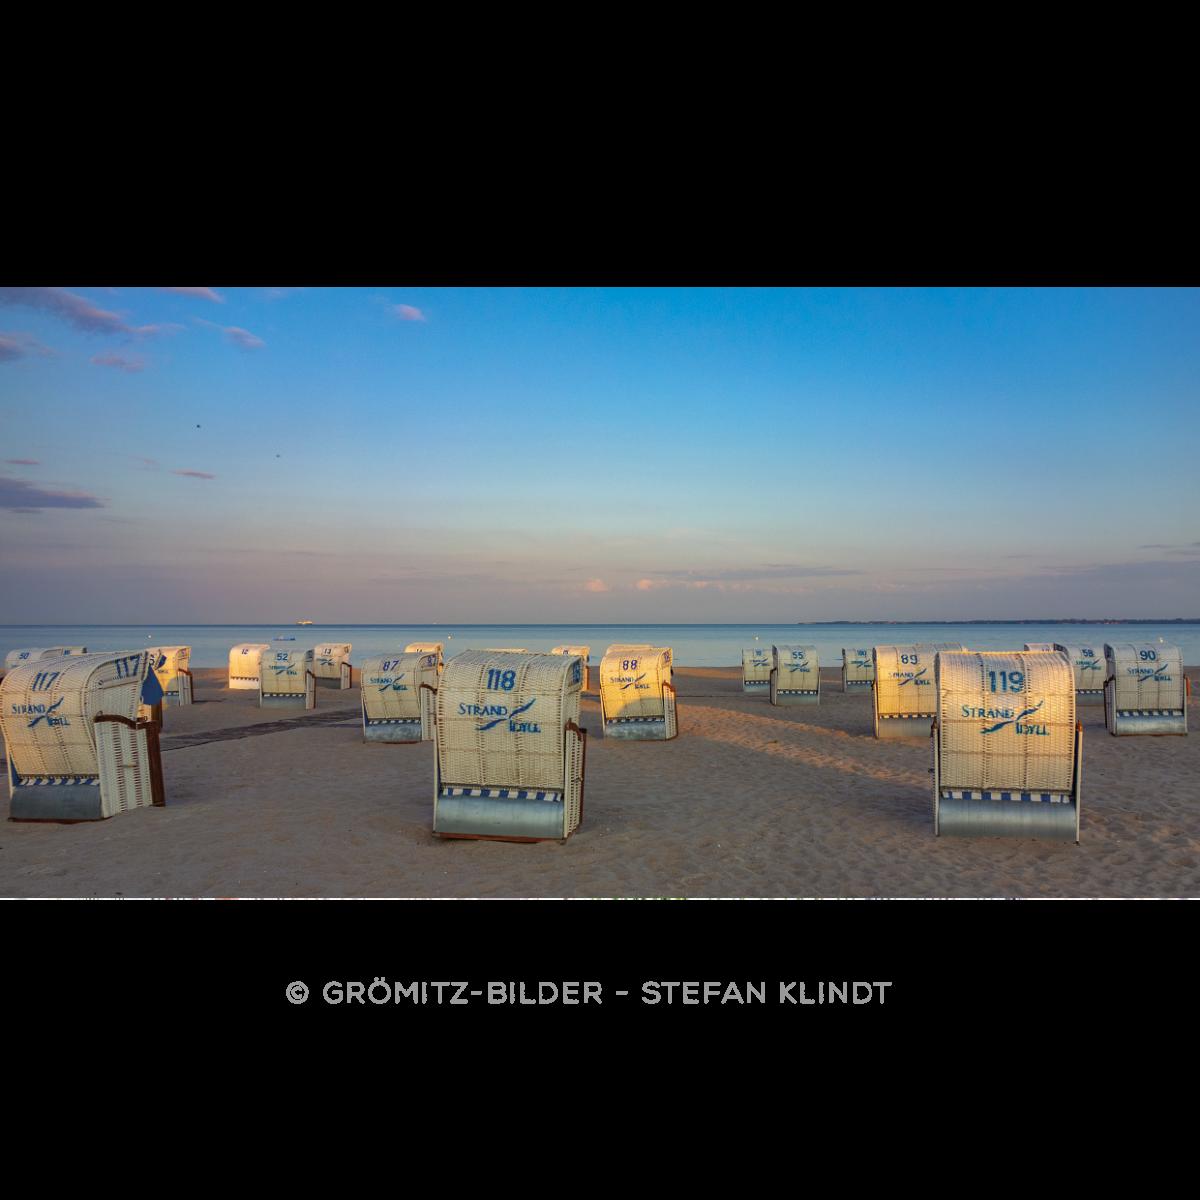 087 Grömitz Bilder - Strandkörbe im Streiflicht